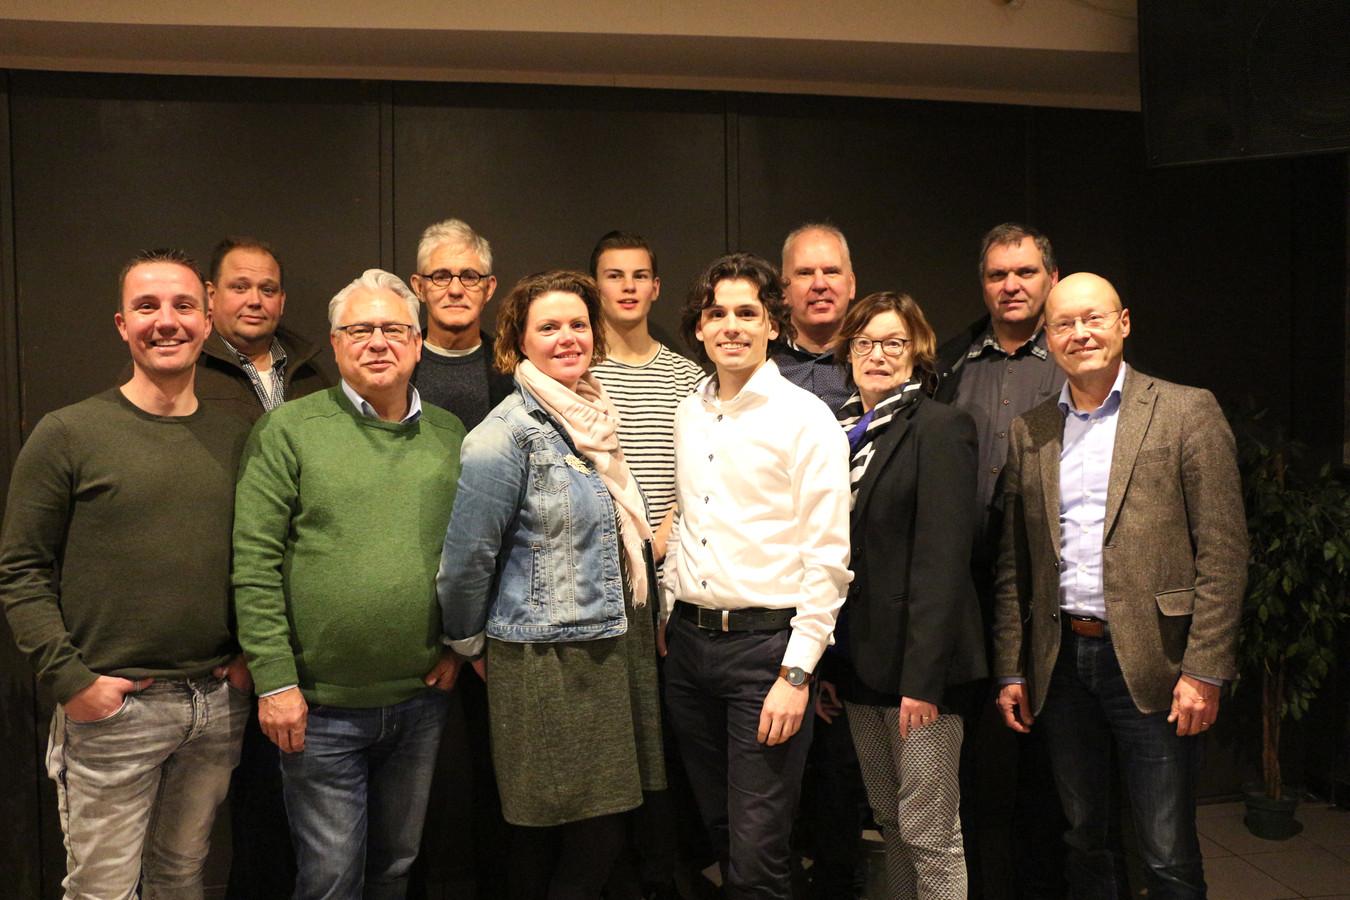 Kandidaten PNL: Arian de Groot, Ton van de Wijdeven, Jan Hendriks, Toon Brouwers, Harriëtte van Delden, Ron van den Berkmortel, Bowen Straatman,  Ronnie Tijssen, Ria van der Zanden, Wim van Dijk en Hans Vereijken.